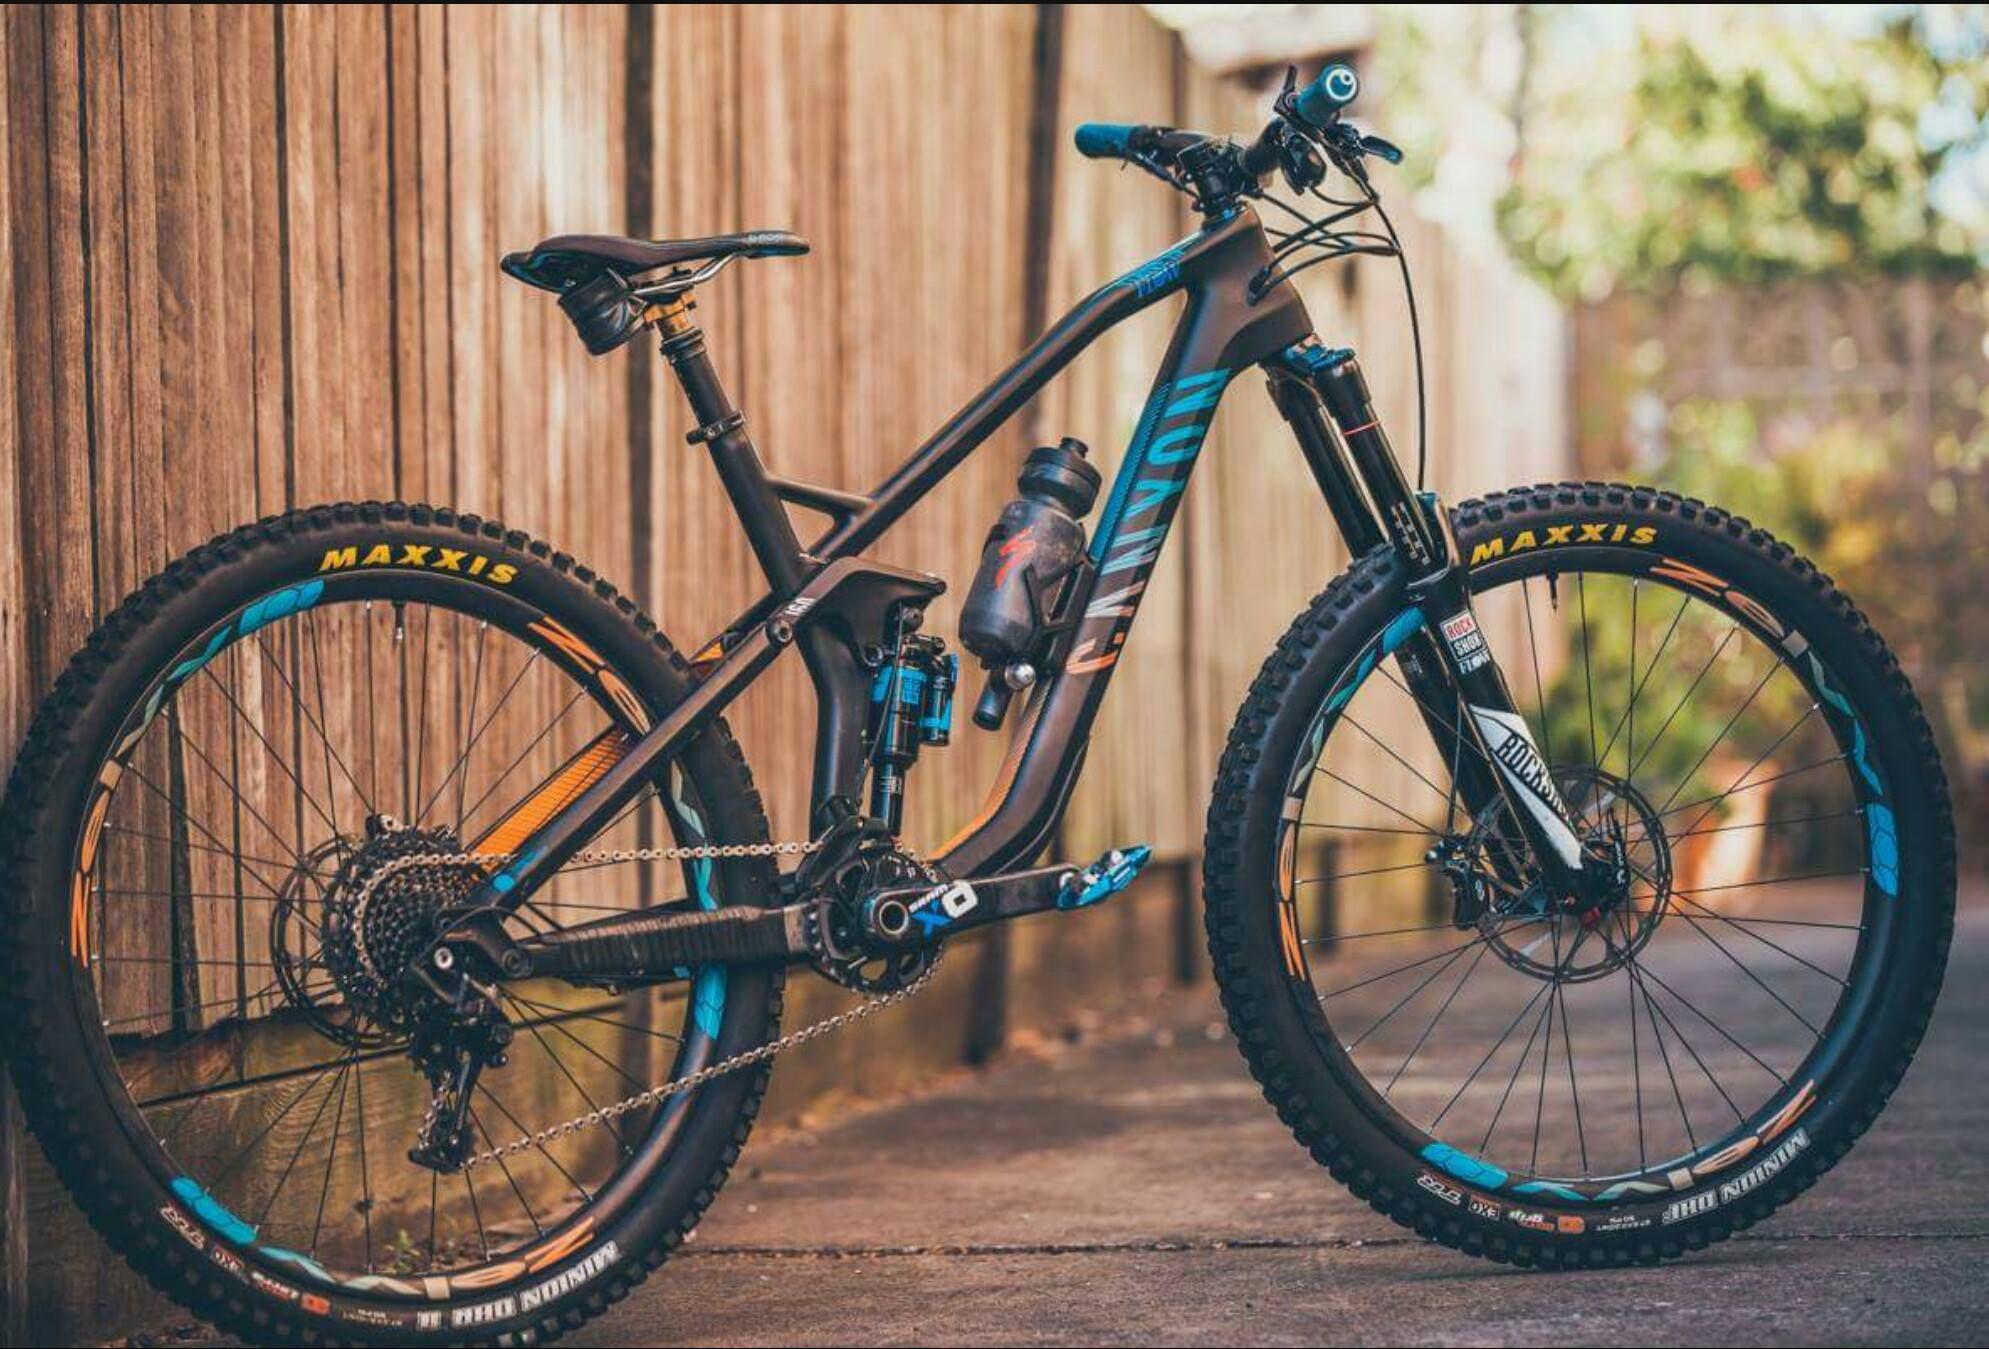 Pin by swap pk on Bikes | Bike, Cannondale mountain bikes